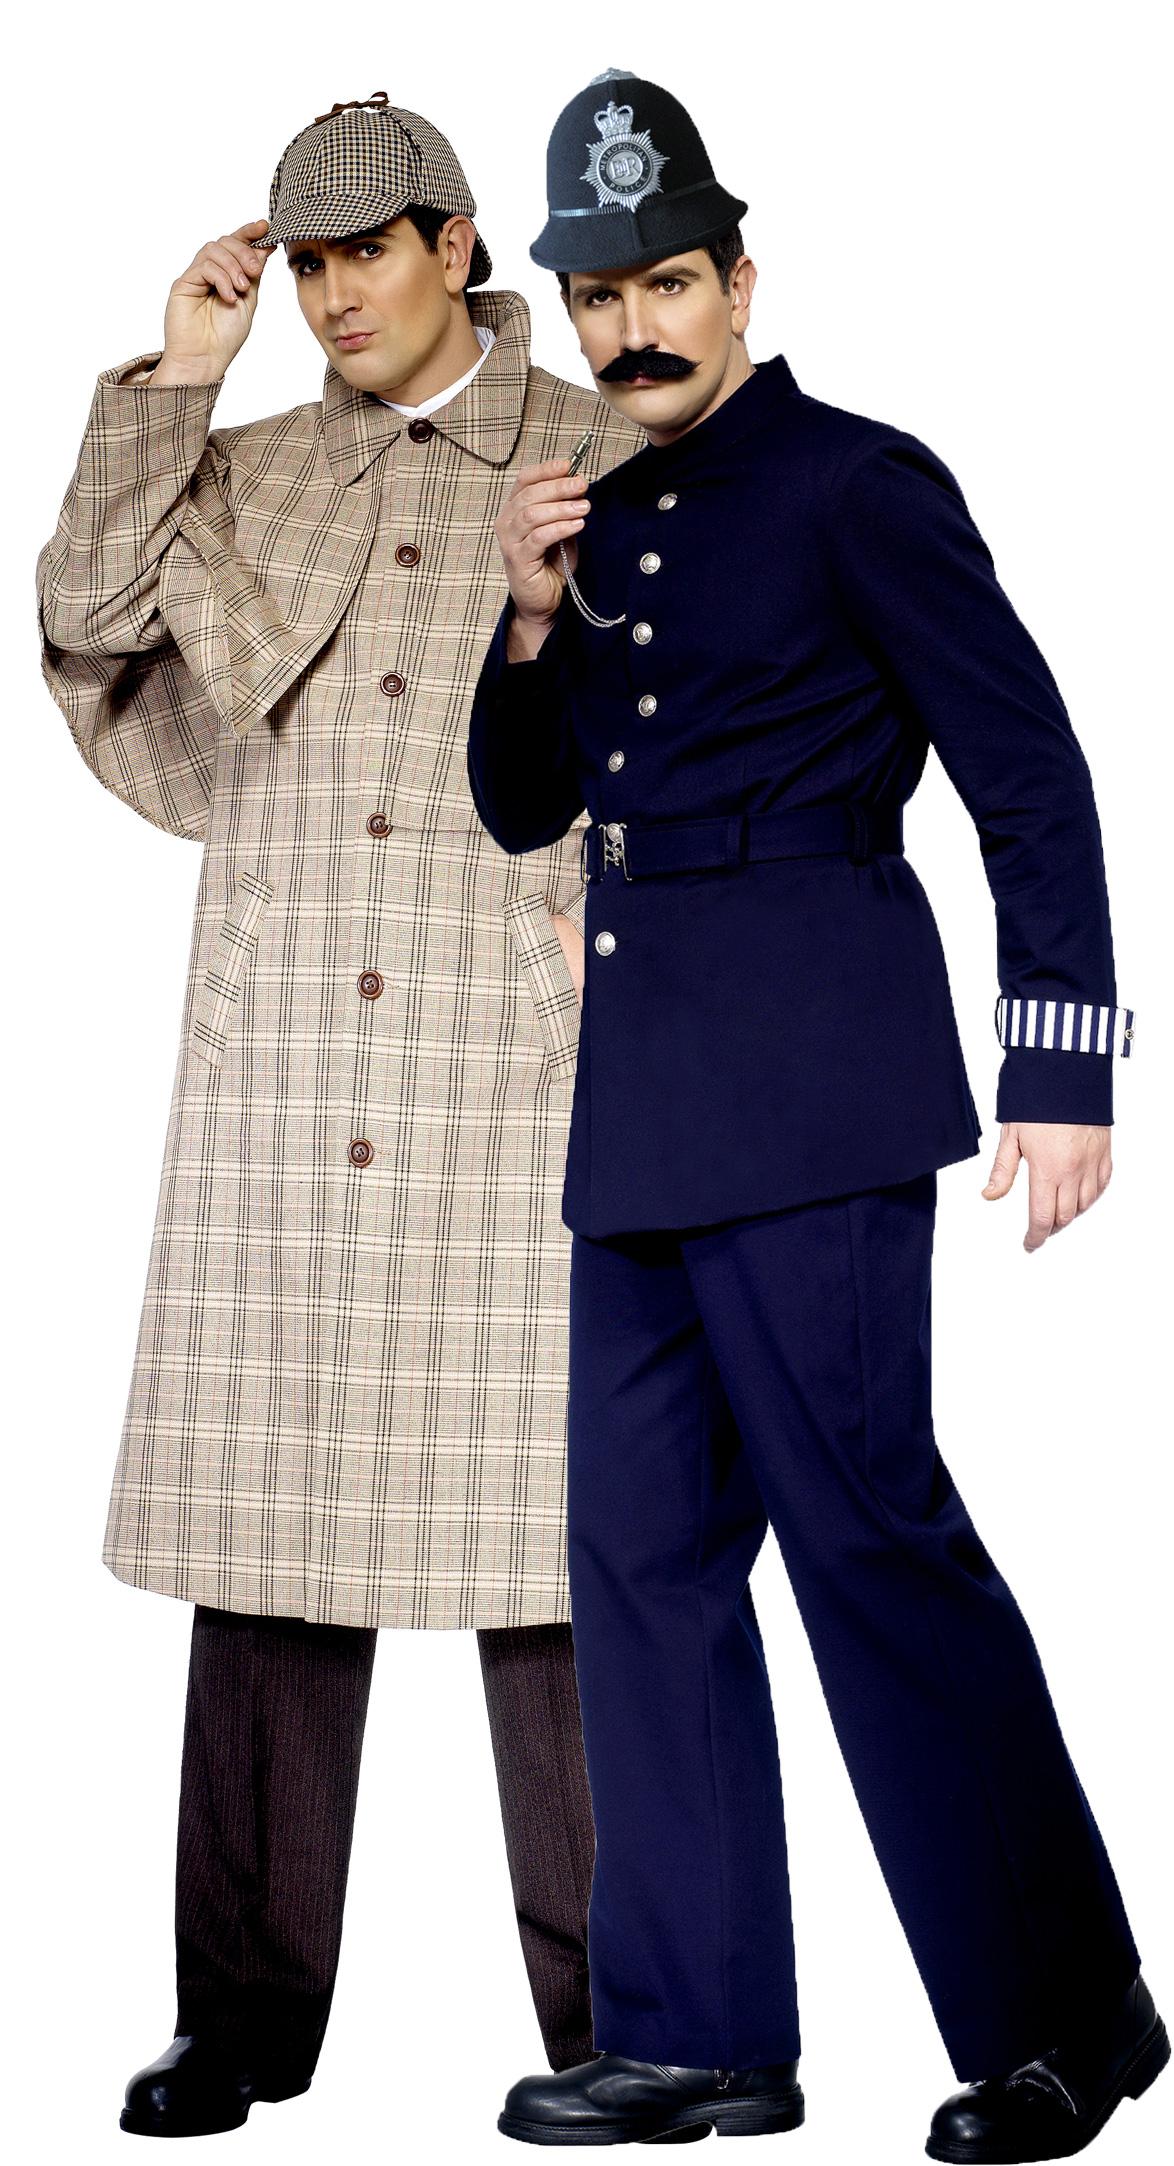 d guisement couple sherlock holmes et policier anglais costume de d tective priv. Black Bedroom Furniture Sets. Home Design Ideas